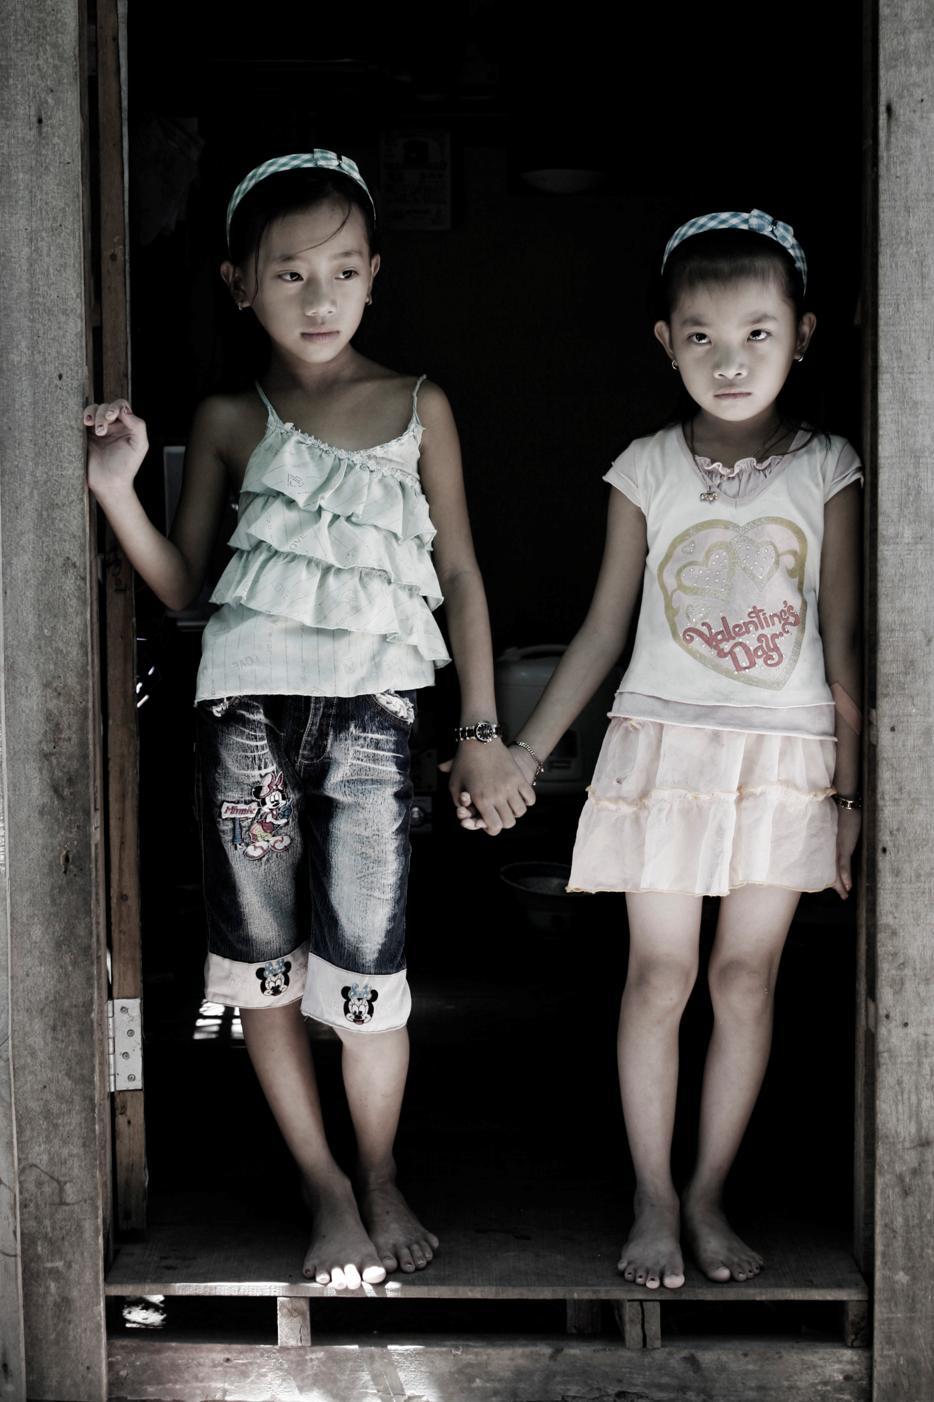 Cambodia Sex Slavery 48